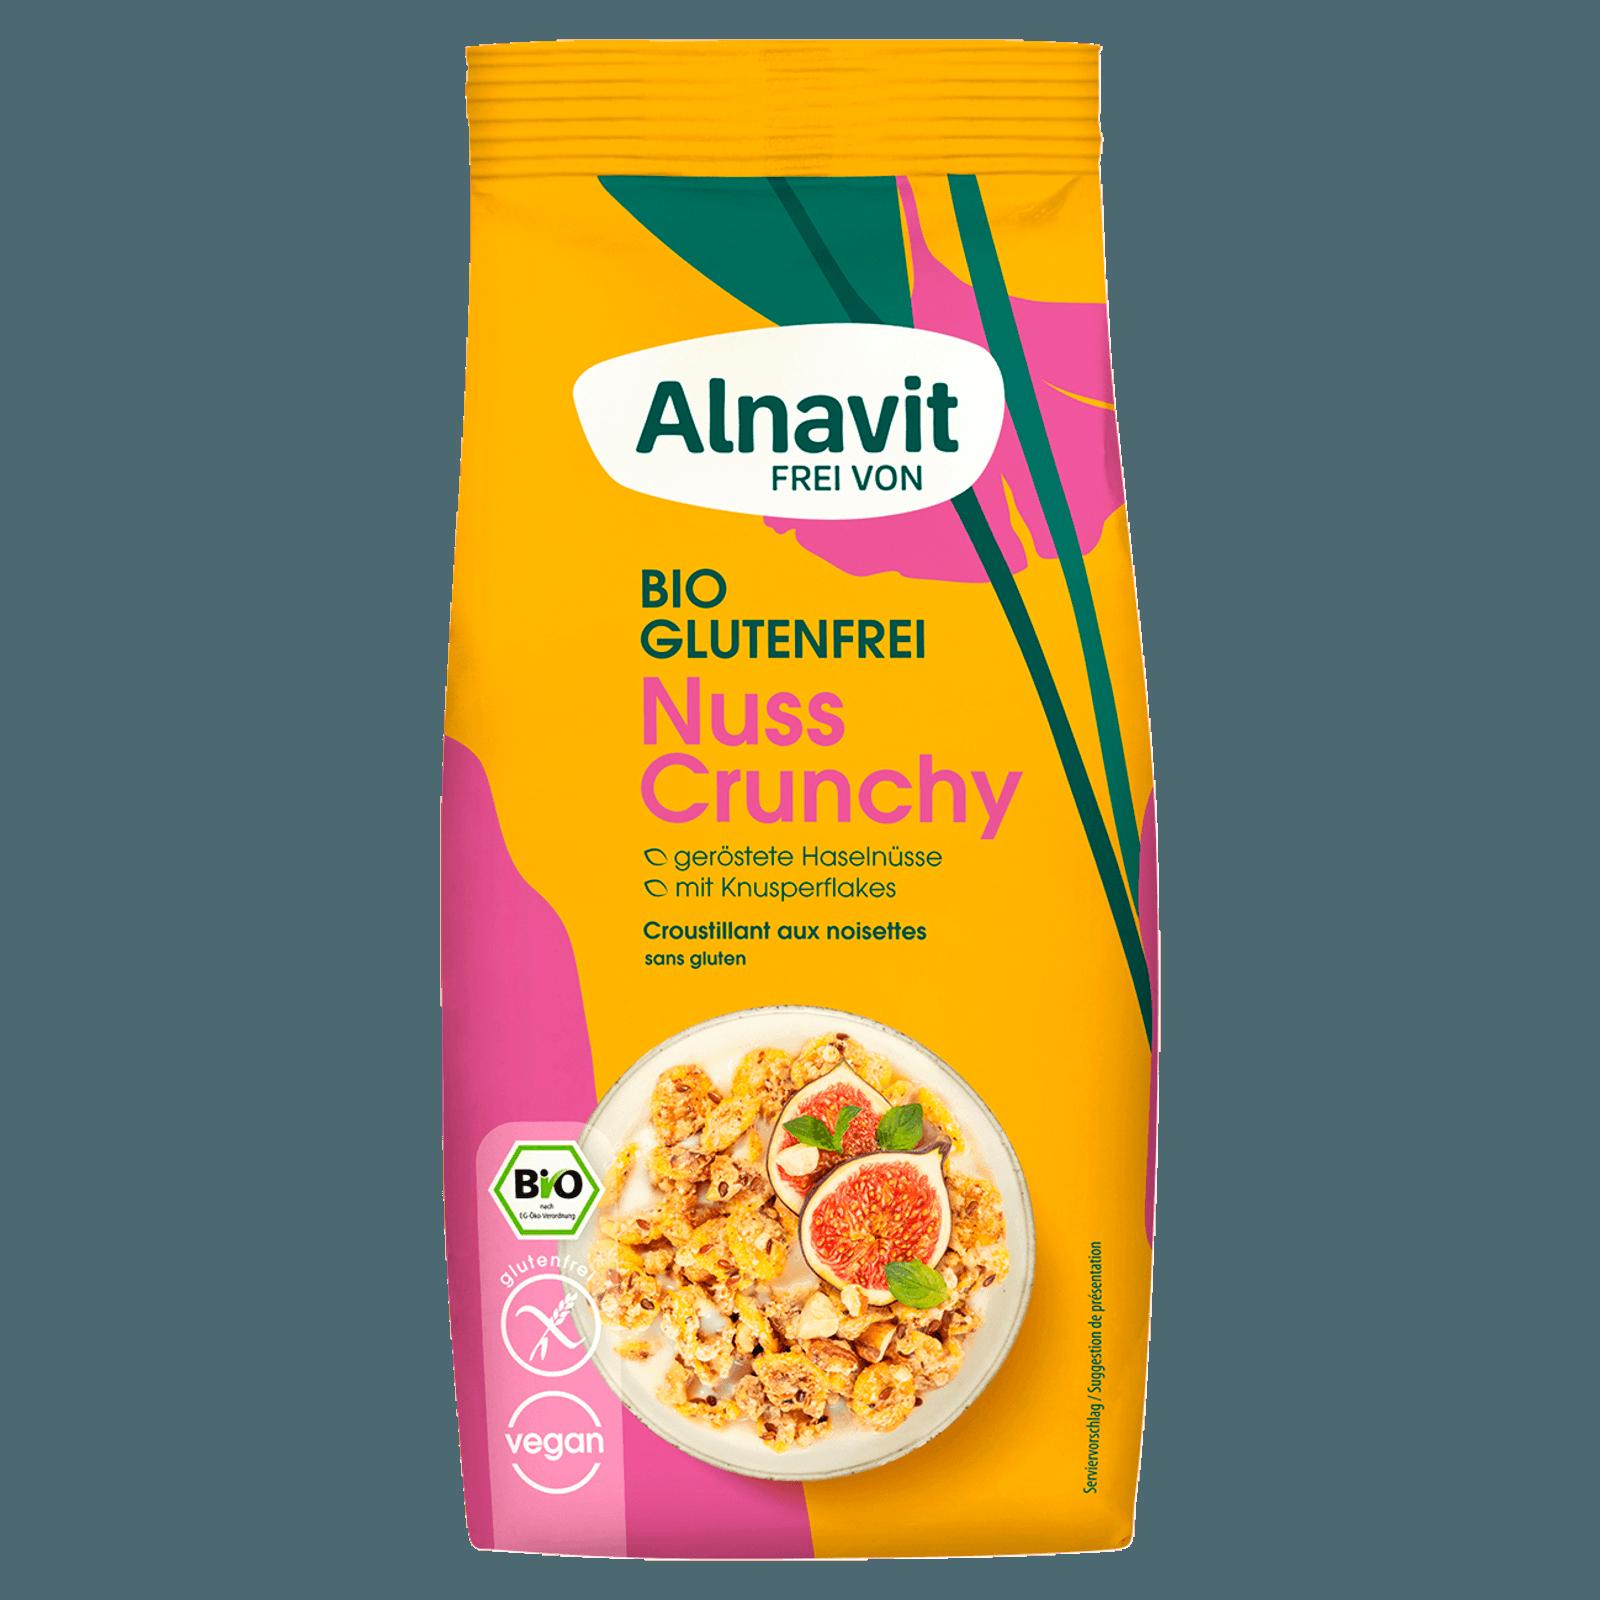 Alnavit Bio Nuss Crunchy glutenfrei 300g